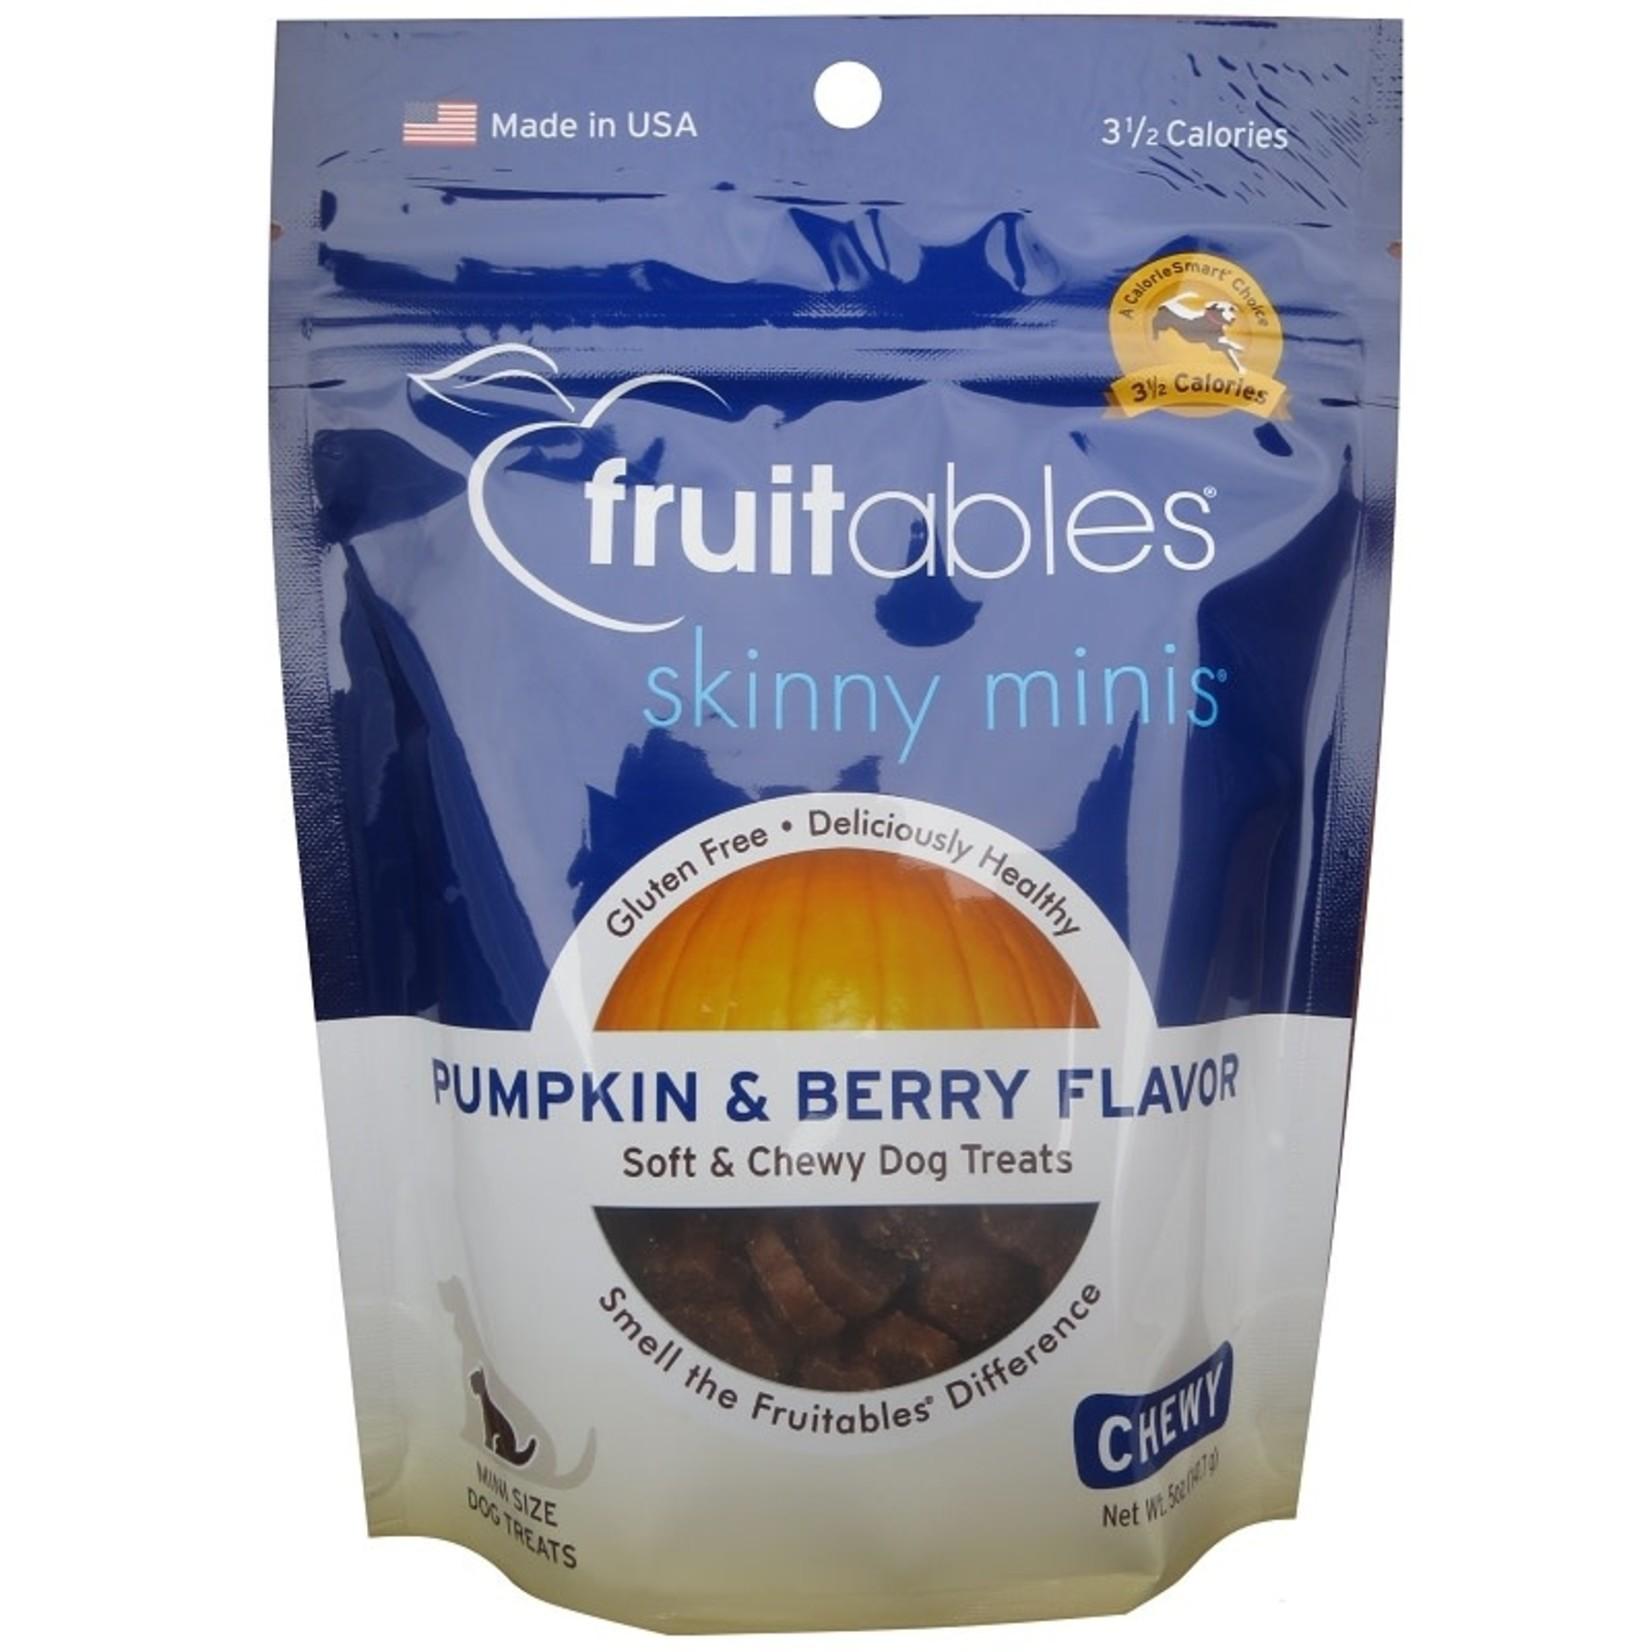 Fruitables Fruitables Skinny Minis Pumpkin and Berry Dog Treats 5oz